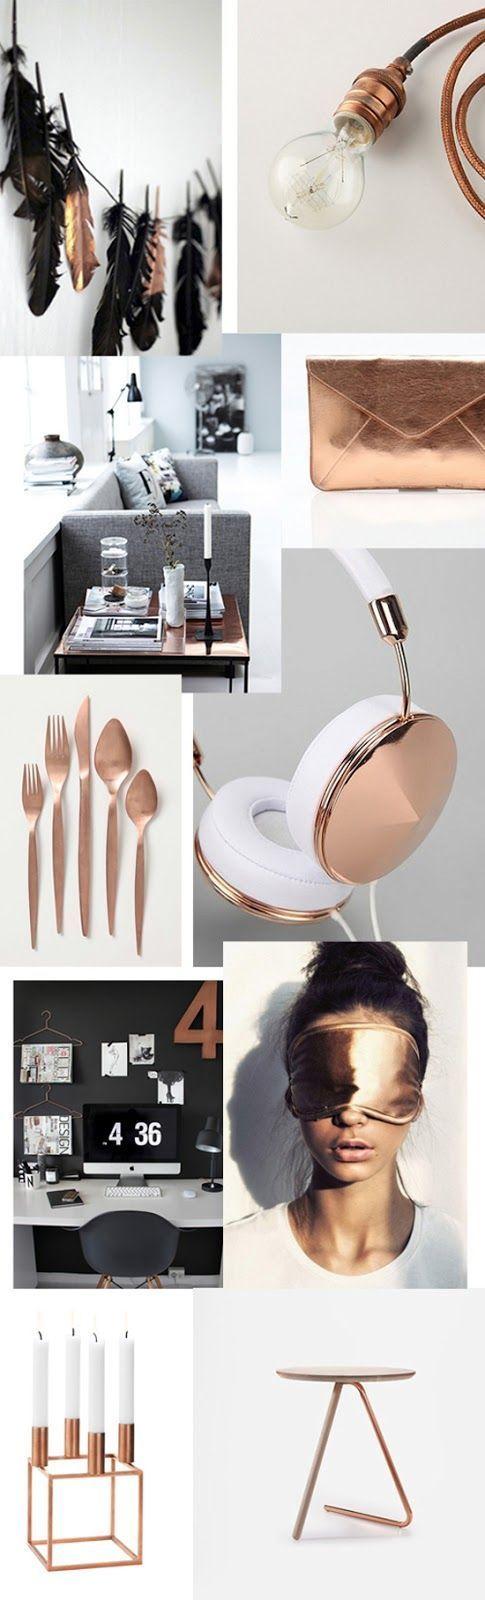 168 melhores imagens sobre decora o de quartos no - Idea casa biancheria mestre ...